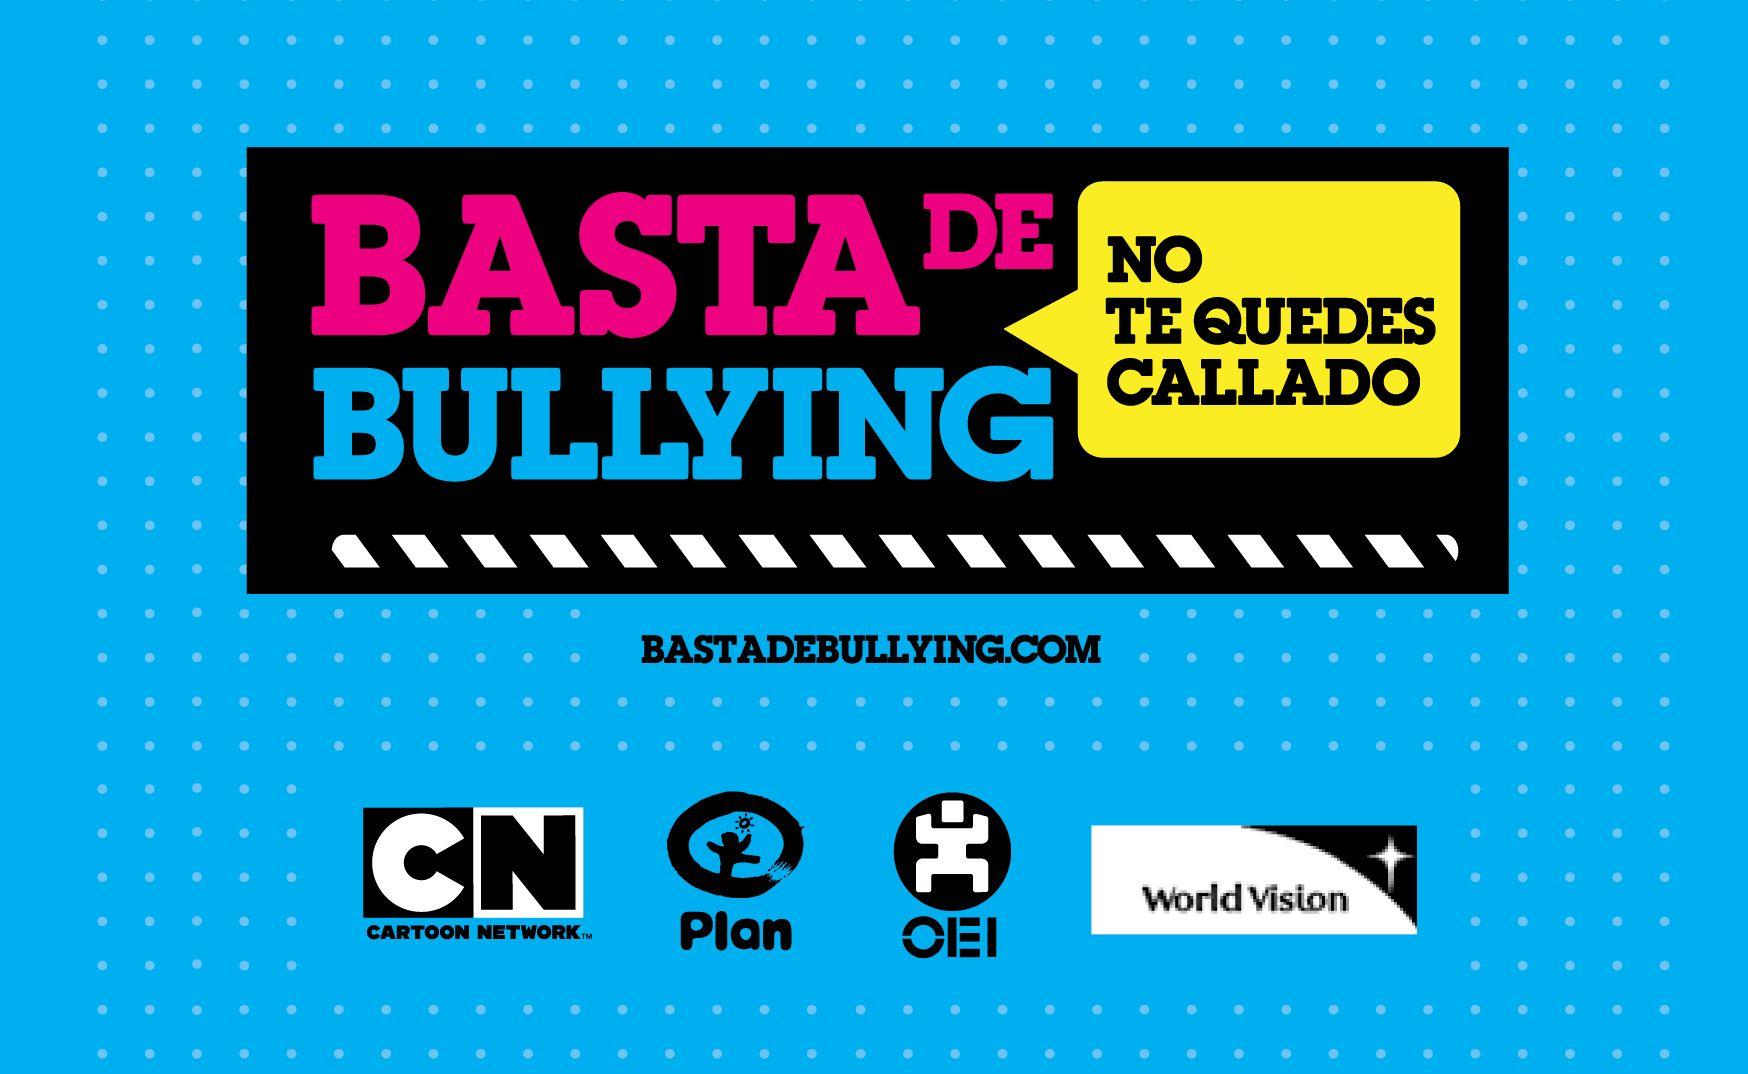 La difusión de rumores o chismes es también #Bullying. Conoce + en bastadebulling.com